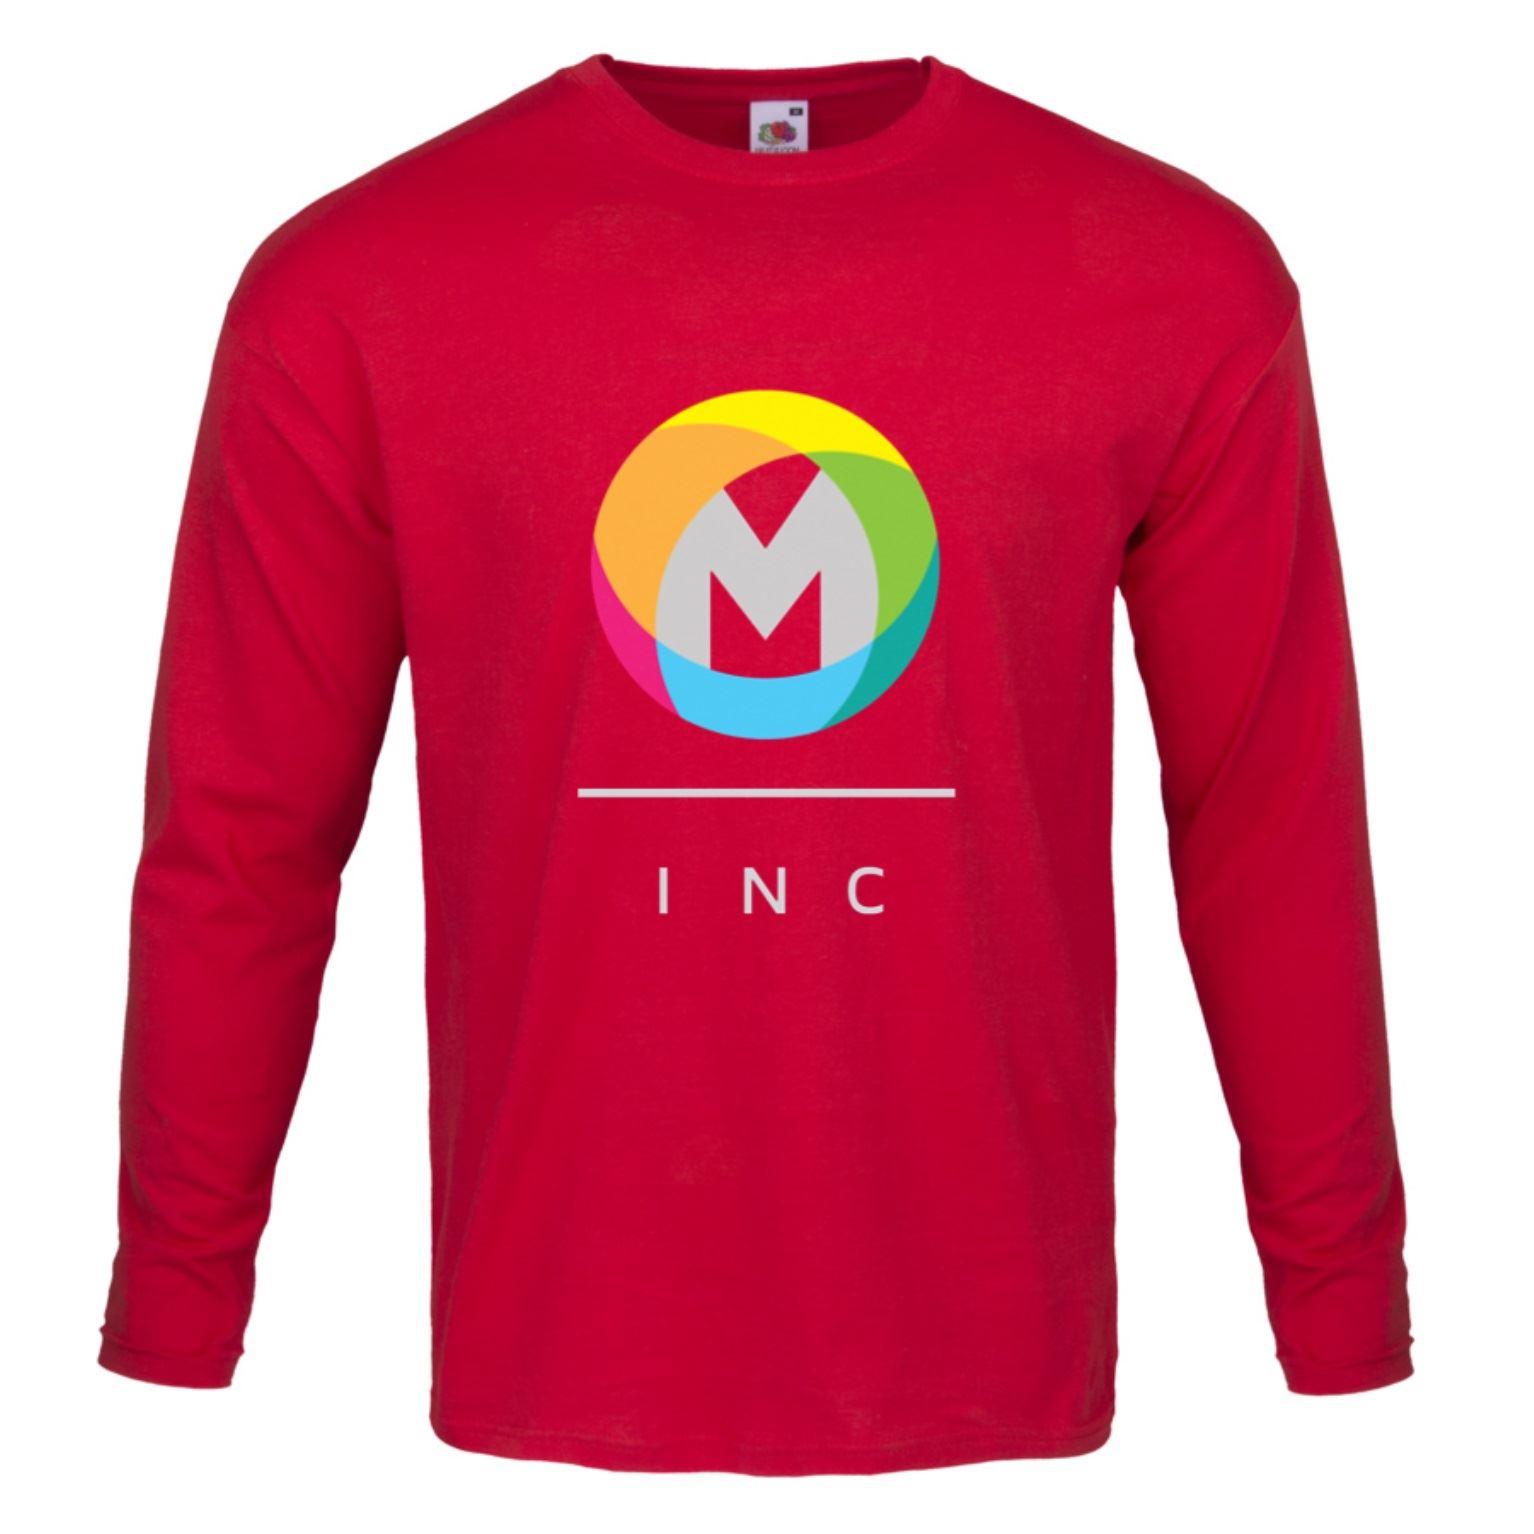 Abbigliamento Personalizzato Felpa Rossa Sericart2